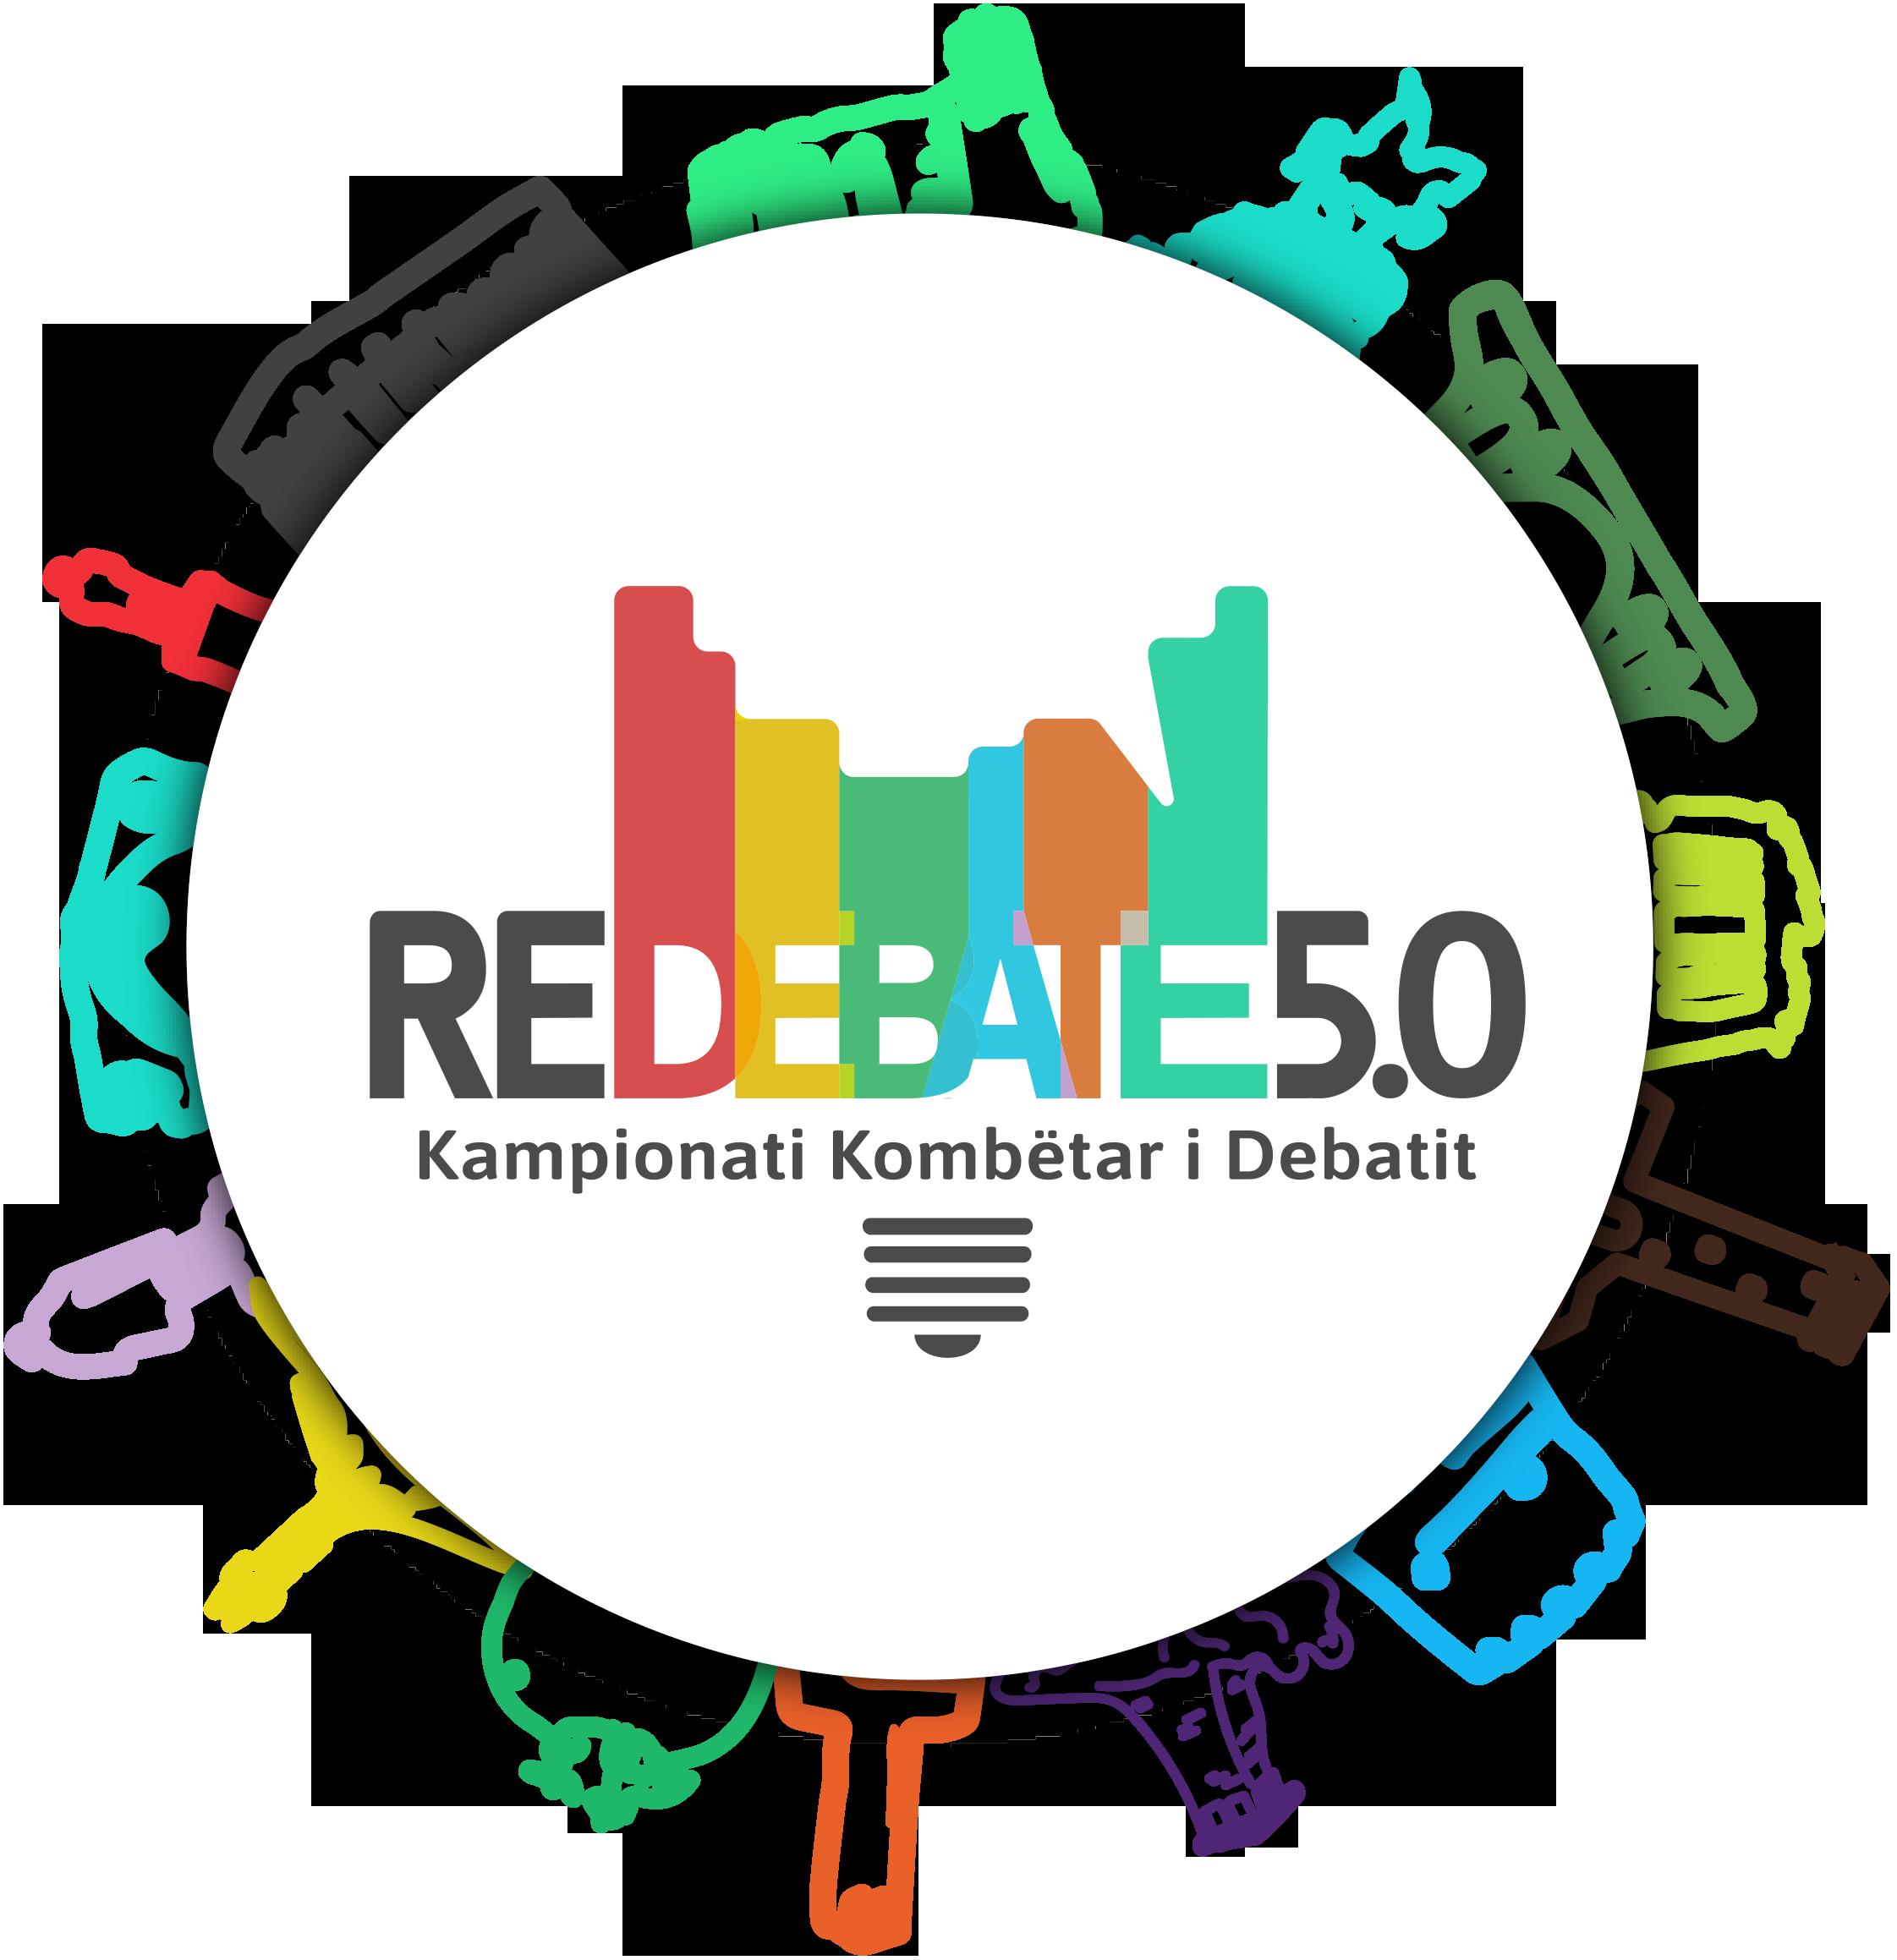 redebate-5